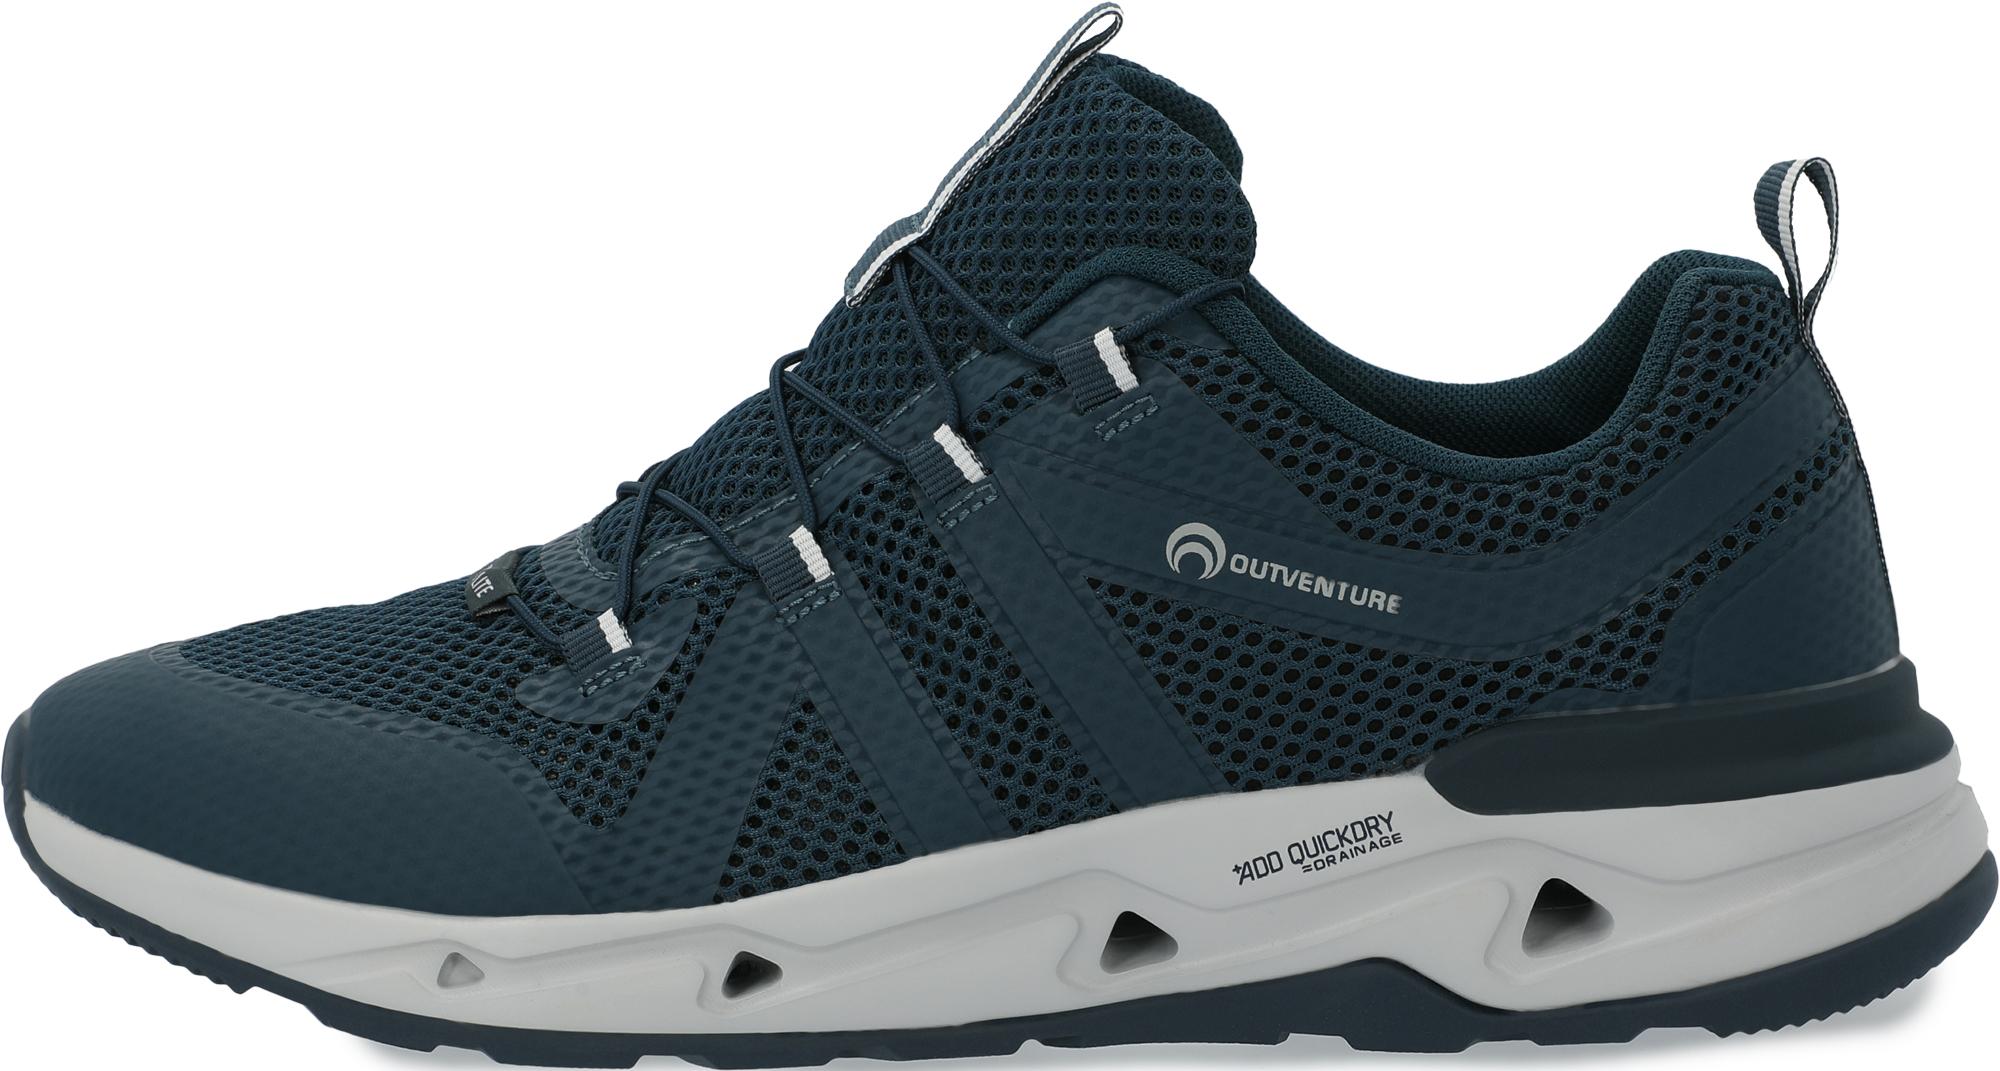 Outventure Полуботинки мужские Outventure Watercross, размер 44 полуботинки sairus 32606370 44 черный 44 размер